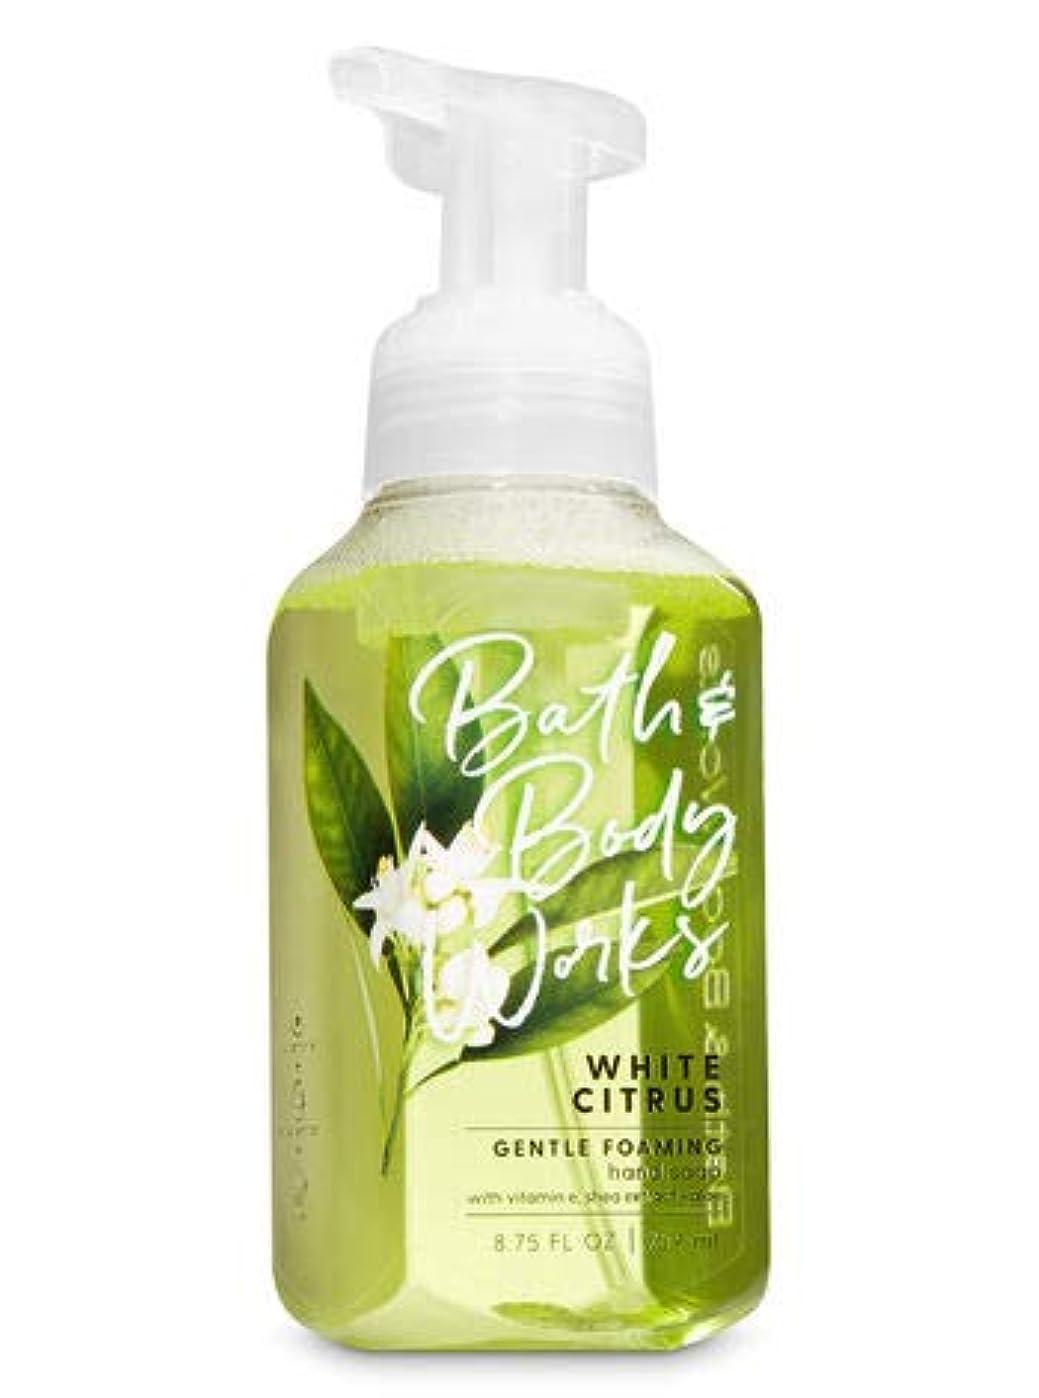 自分してはいけない家族バス&ボディワークス ホワイトシトラス ジェントル フォーミング ハンドソープ White Citrus Gentle Foaming Hand Soap